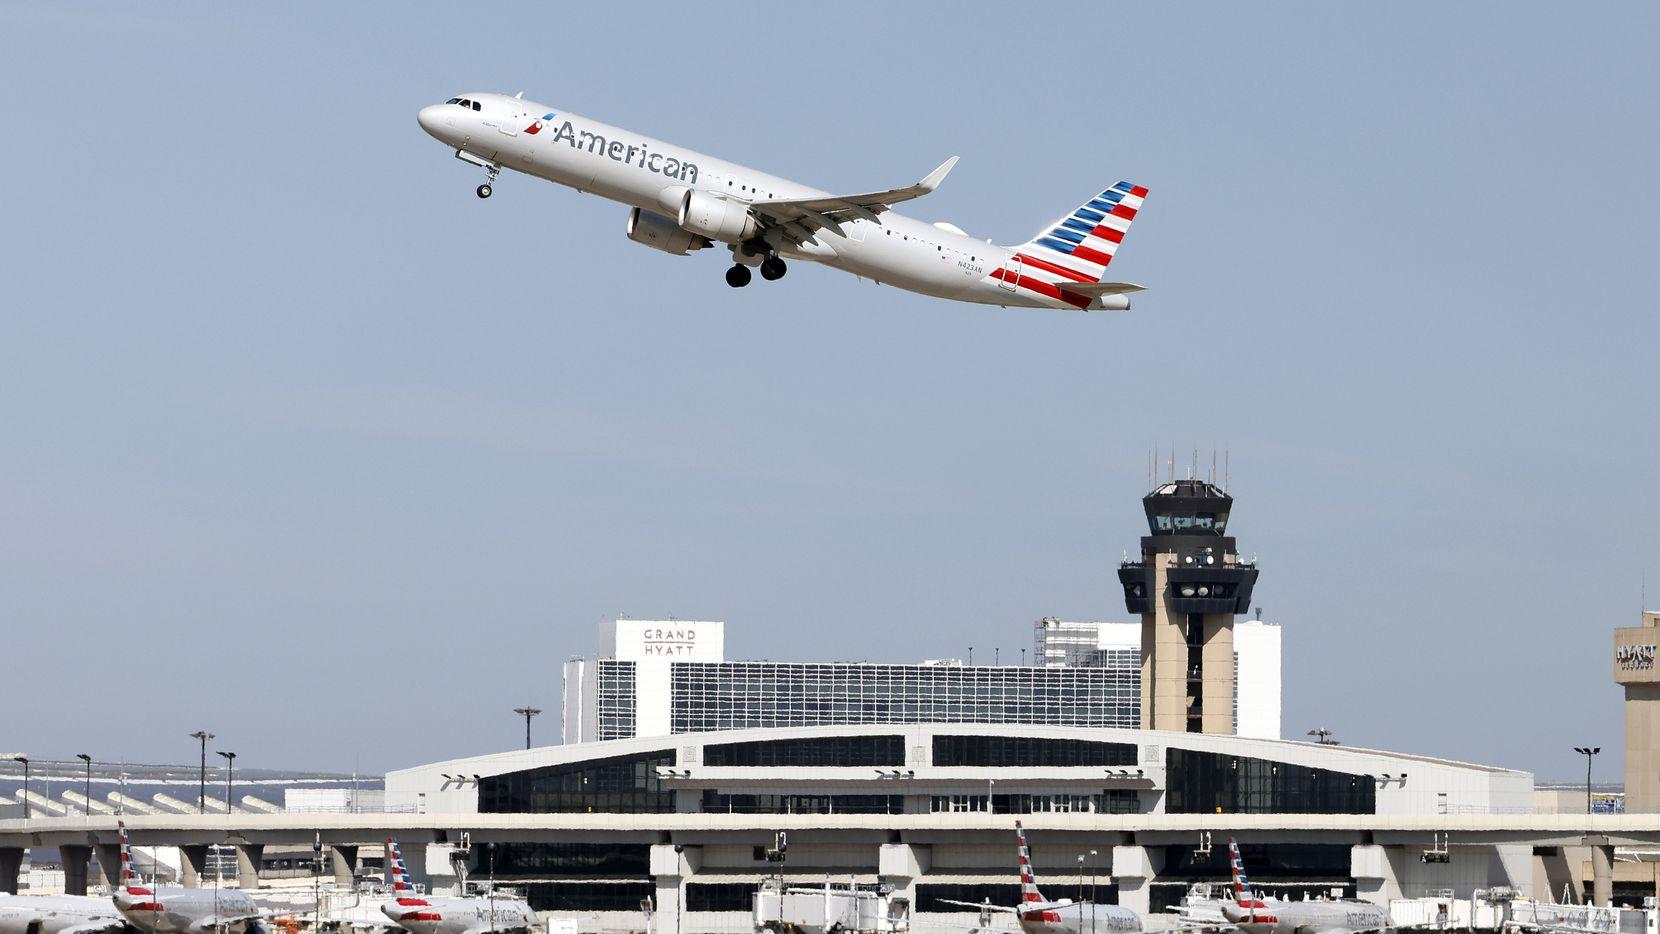 Un avión de American Airlines despega del Aeropuerto Internacional DFW . La aerolínea anunció que no venderá alcohol a los pasajeros en la cabina principal de sus vuelos al menos hasta enero del año entrante.